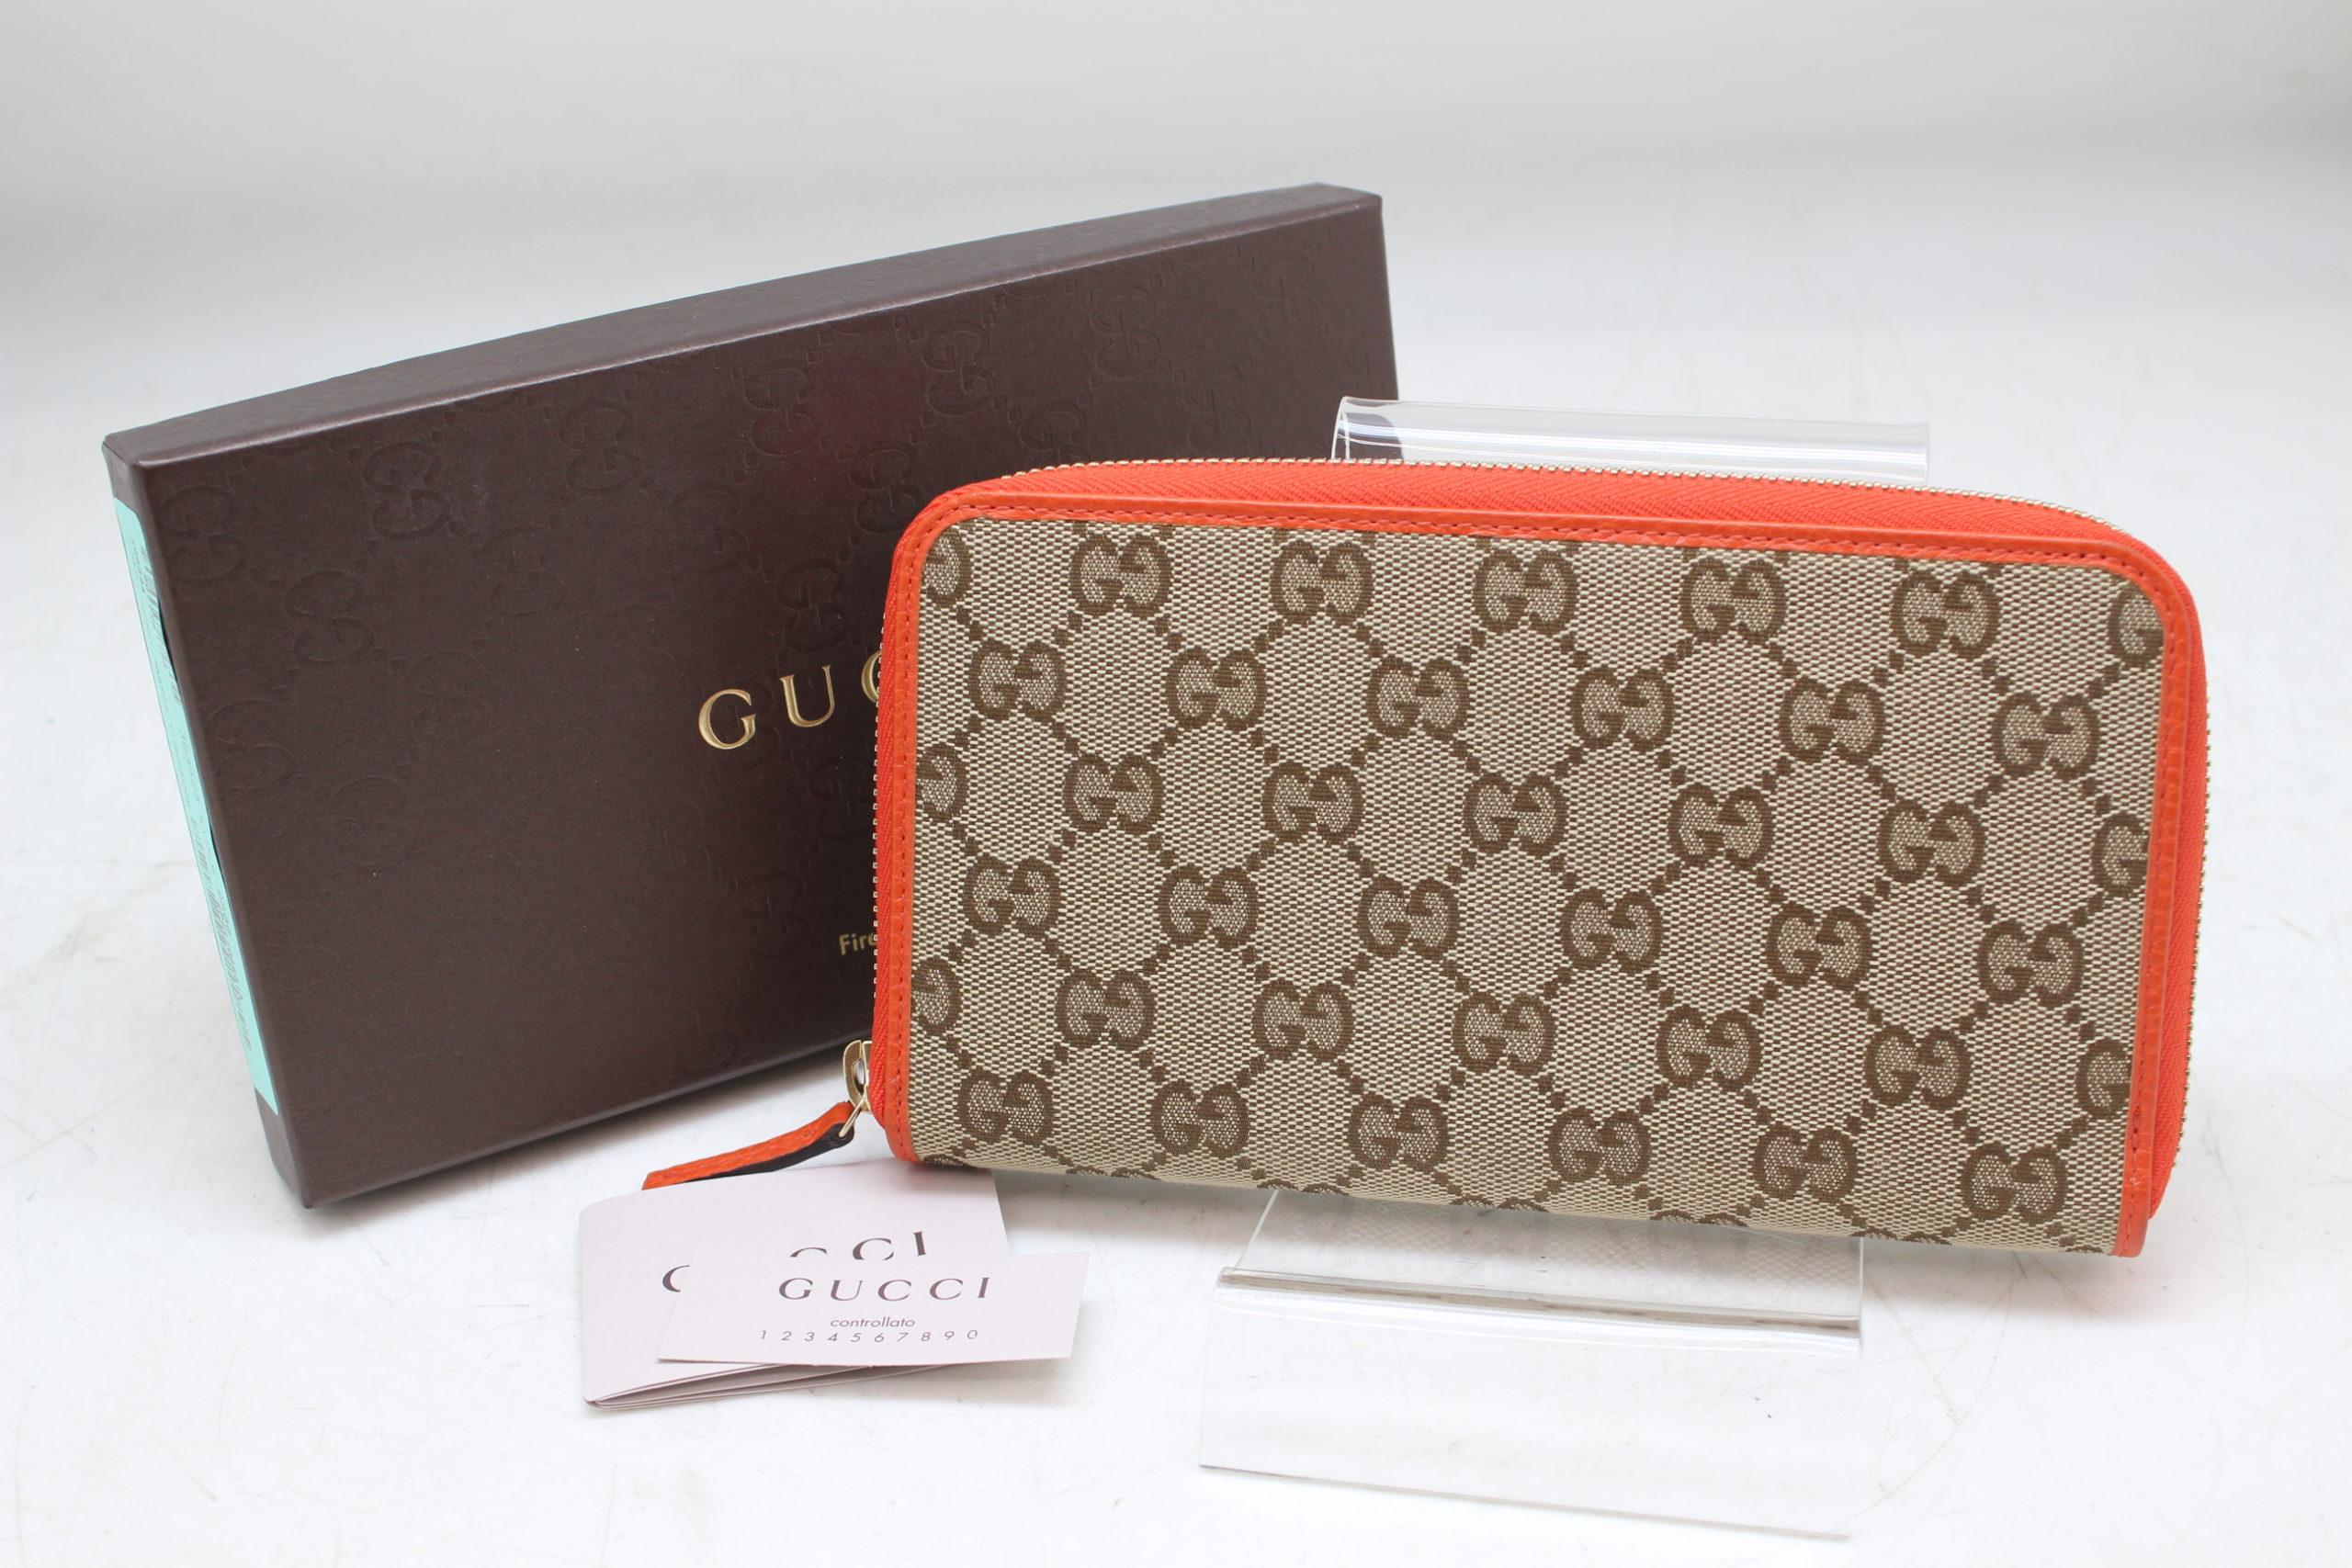 GUCCI/グッチ 363423 ラウンドファスナー 長財布 GG柄 ジャガード レザーを買取させて頂きました。の買取-